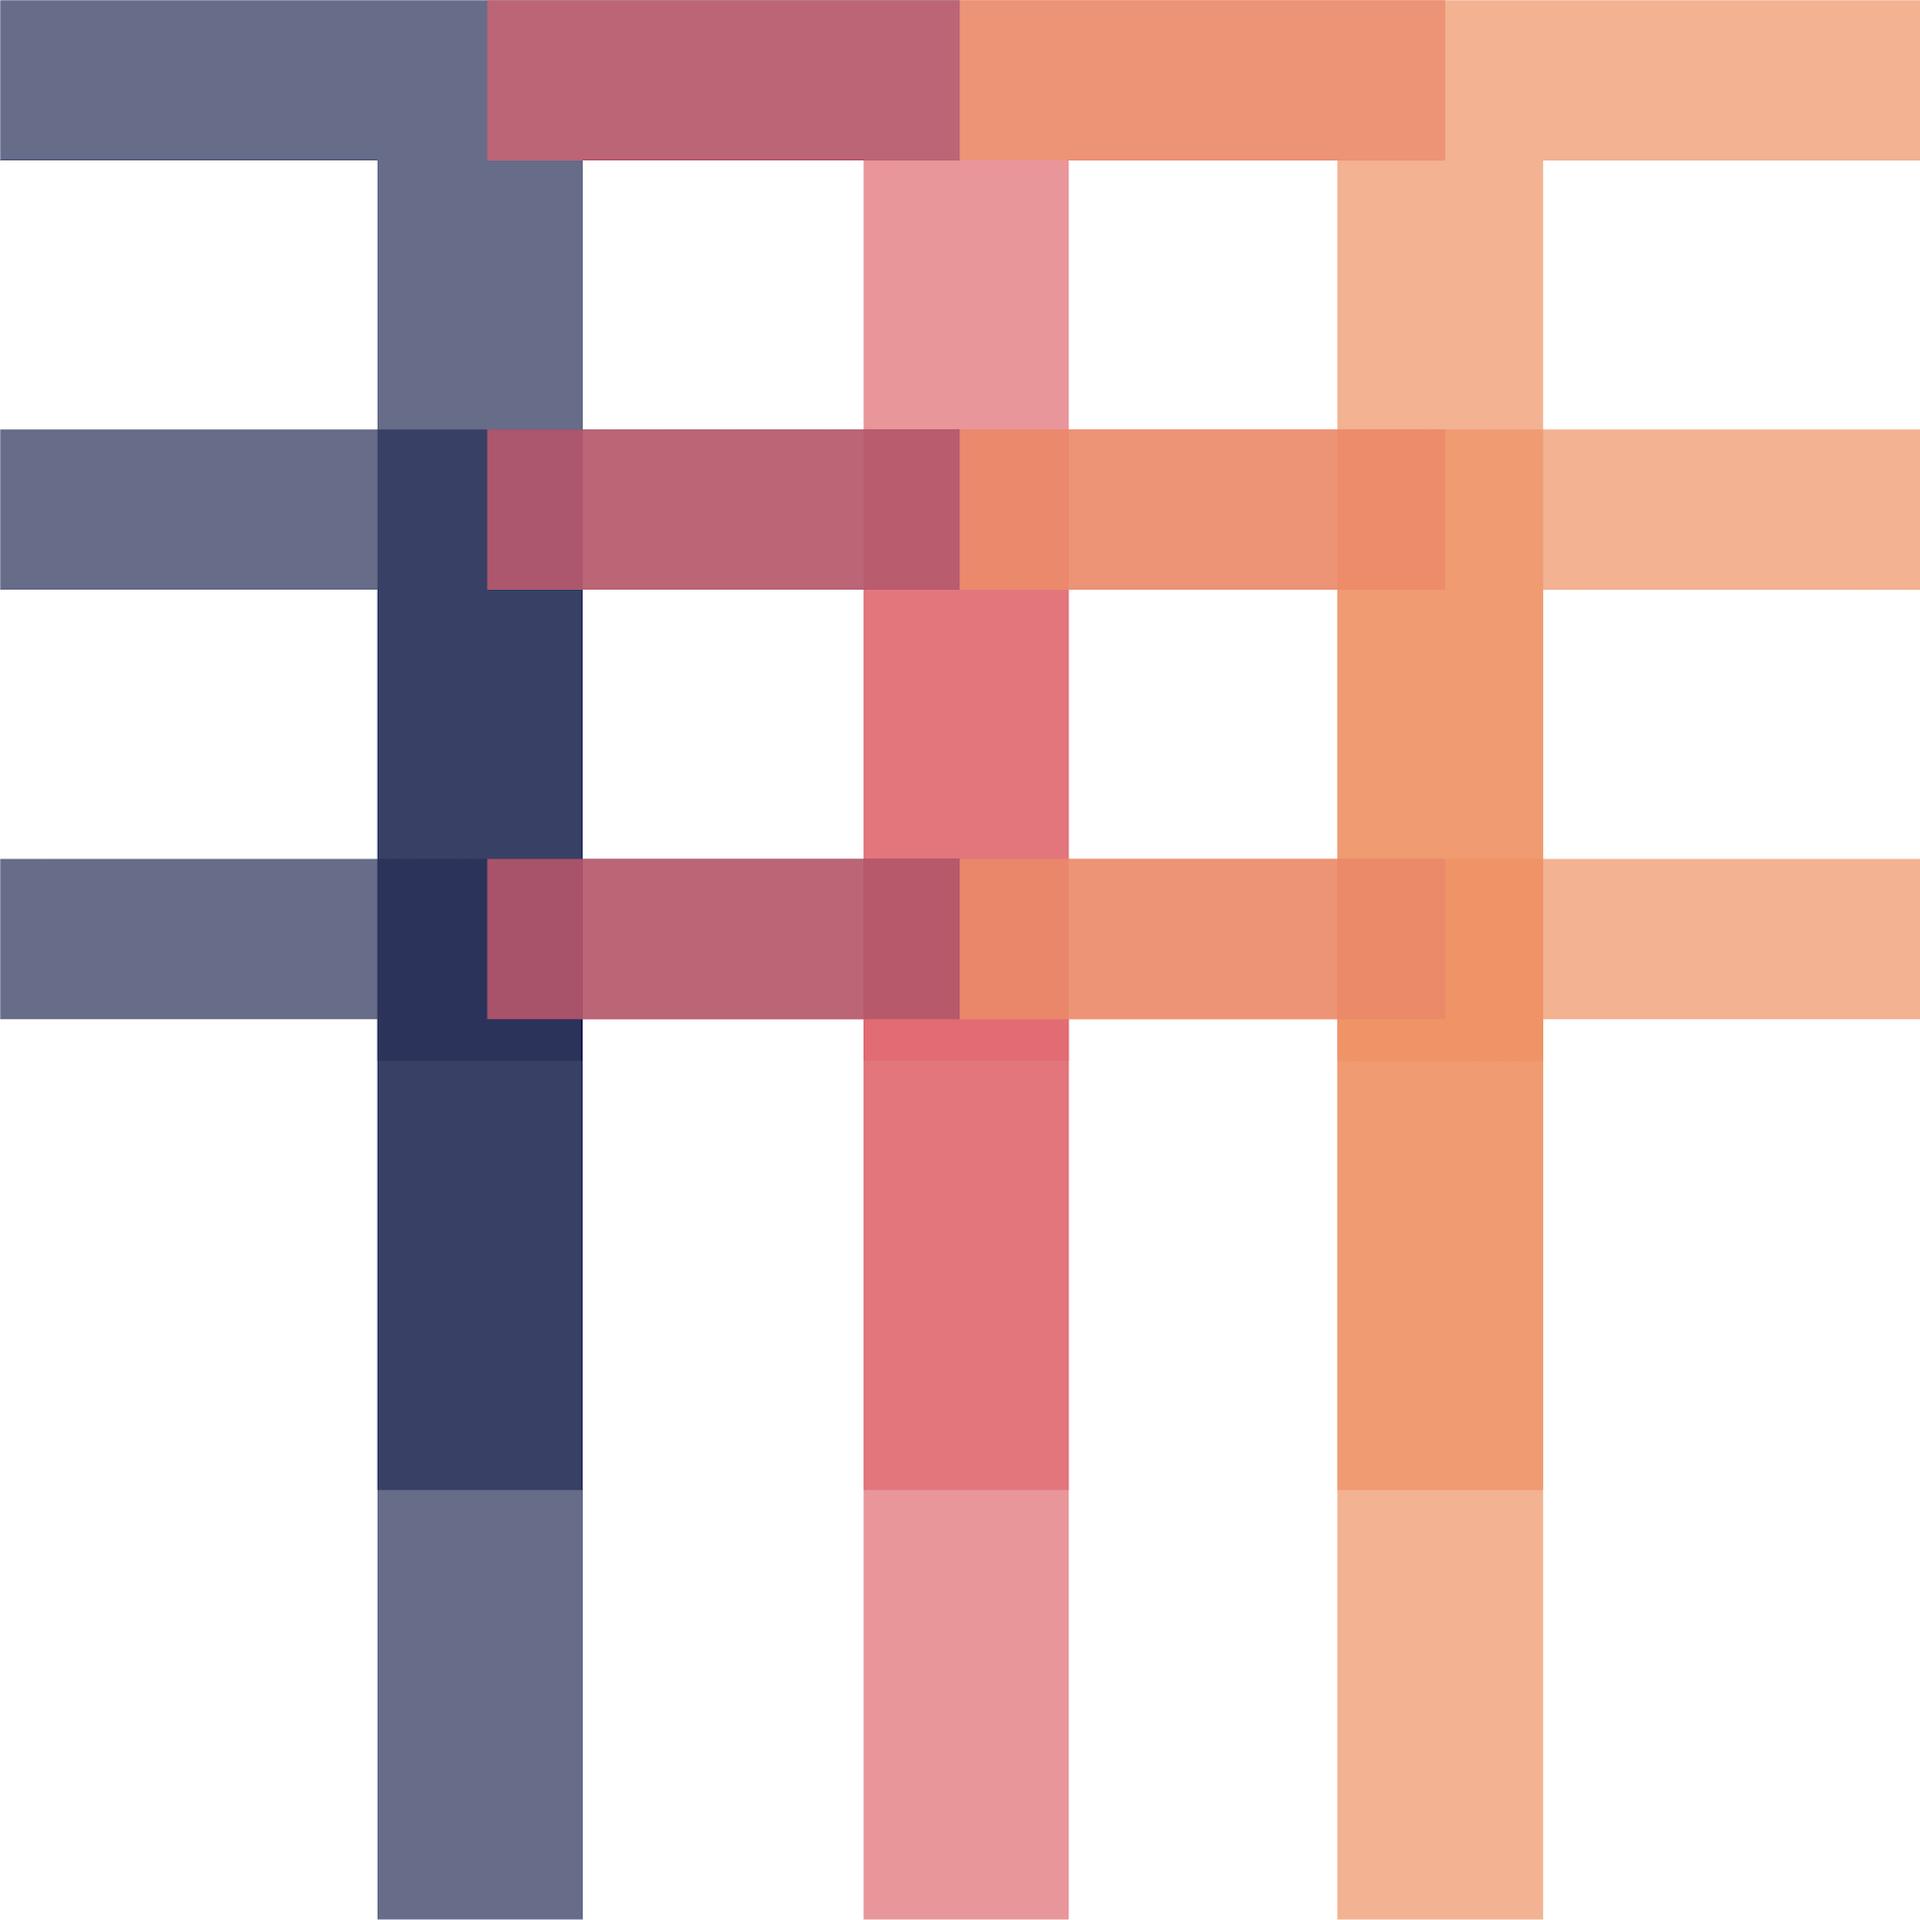 53ac77654f Il progetto grafico dell'immagine coordinata del Master in Textile -  creazione di tessuti d'arte è a cura dell'Ufficio Grafico dell'Accademia di  Belle Arti ...